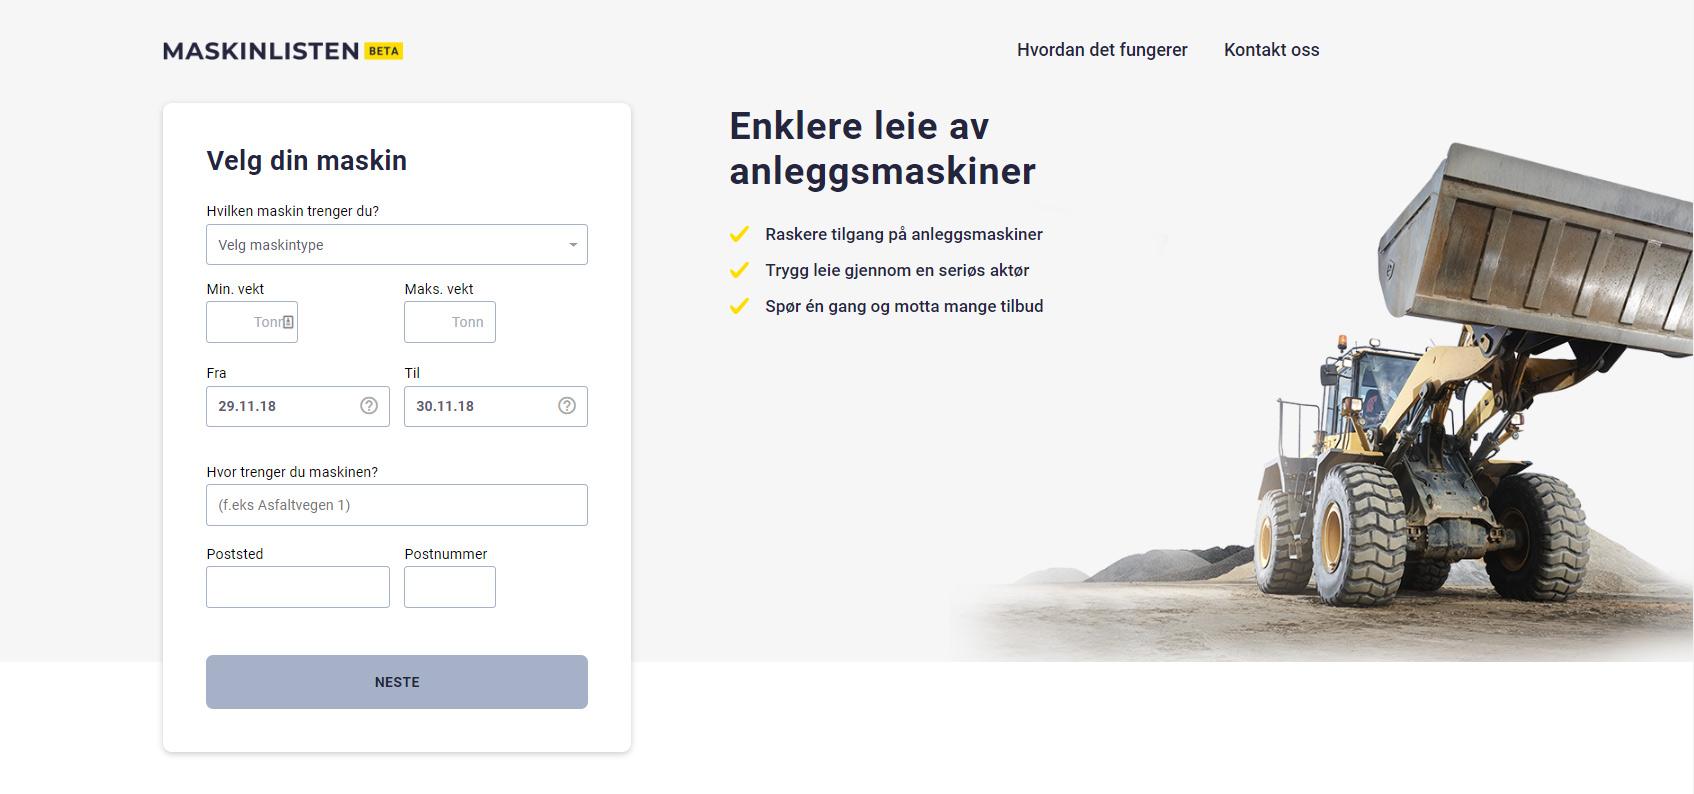 Maskinlisten.no på nett